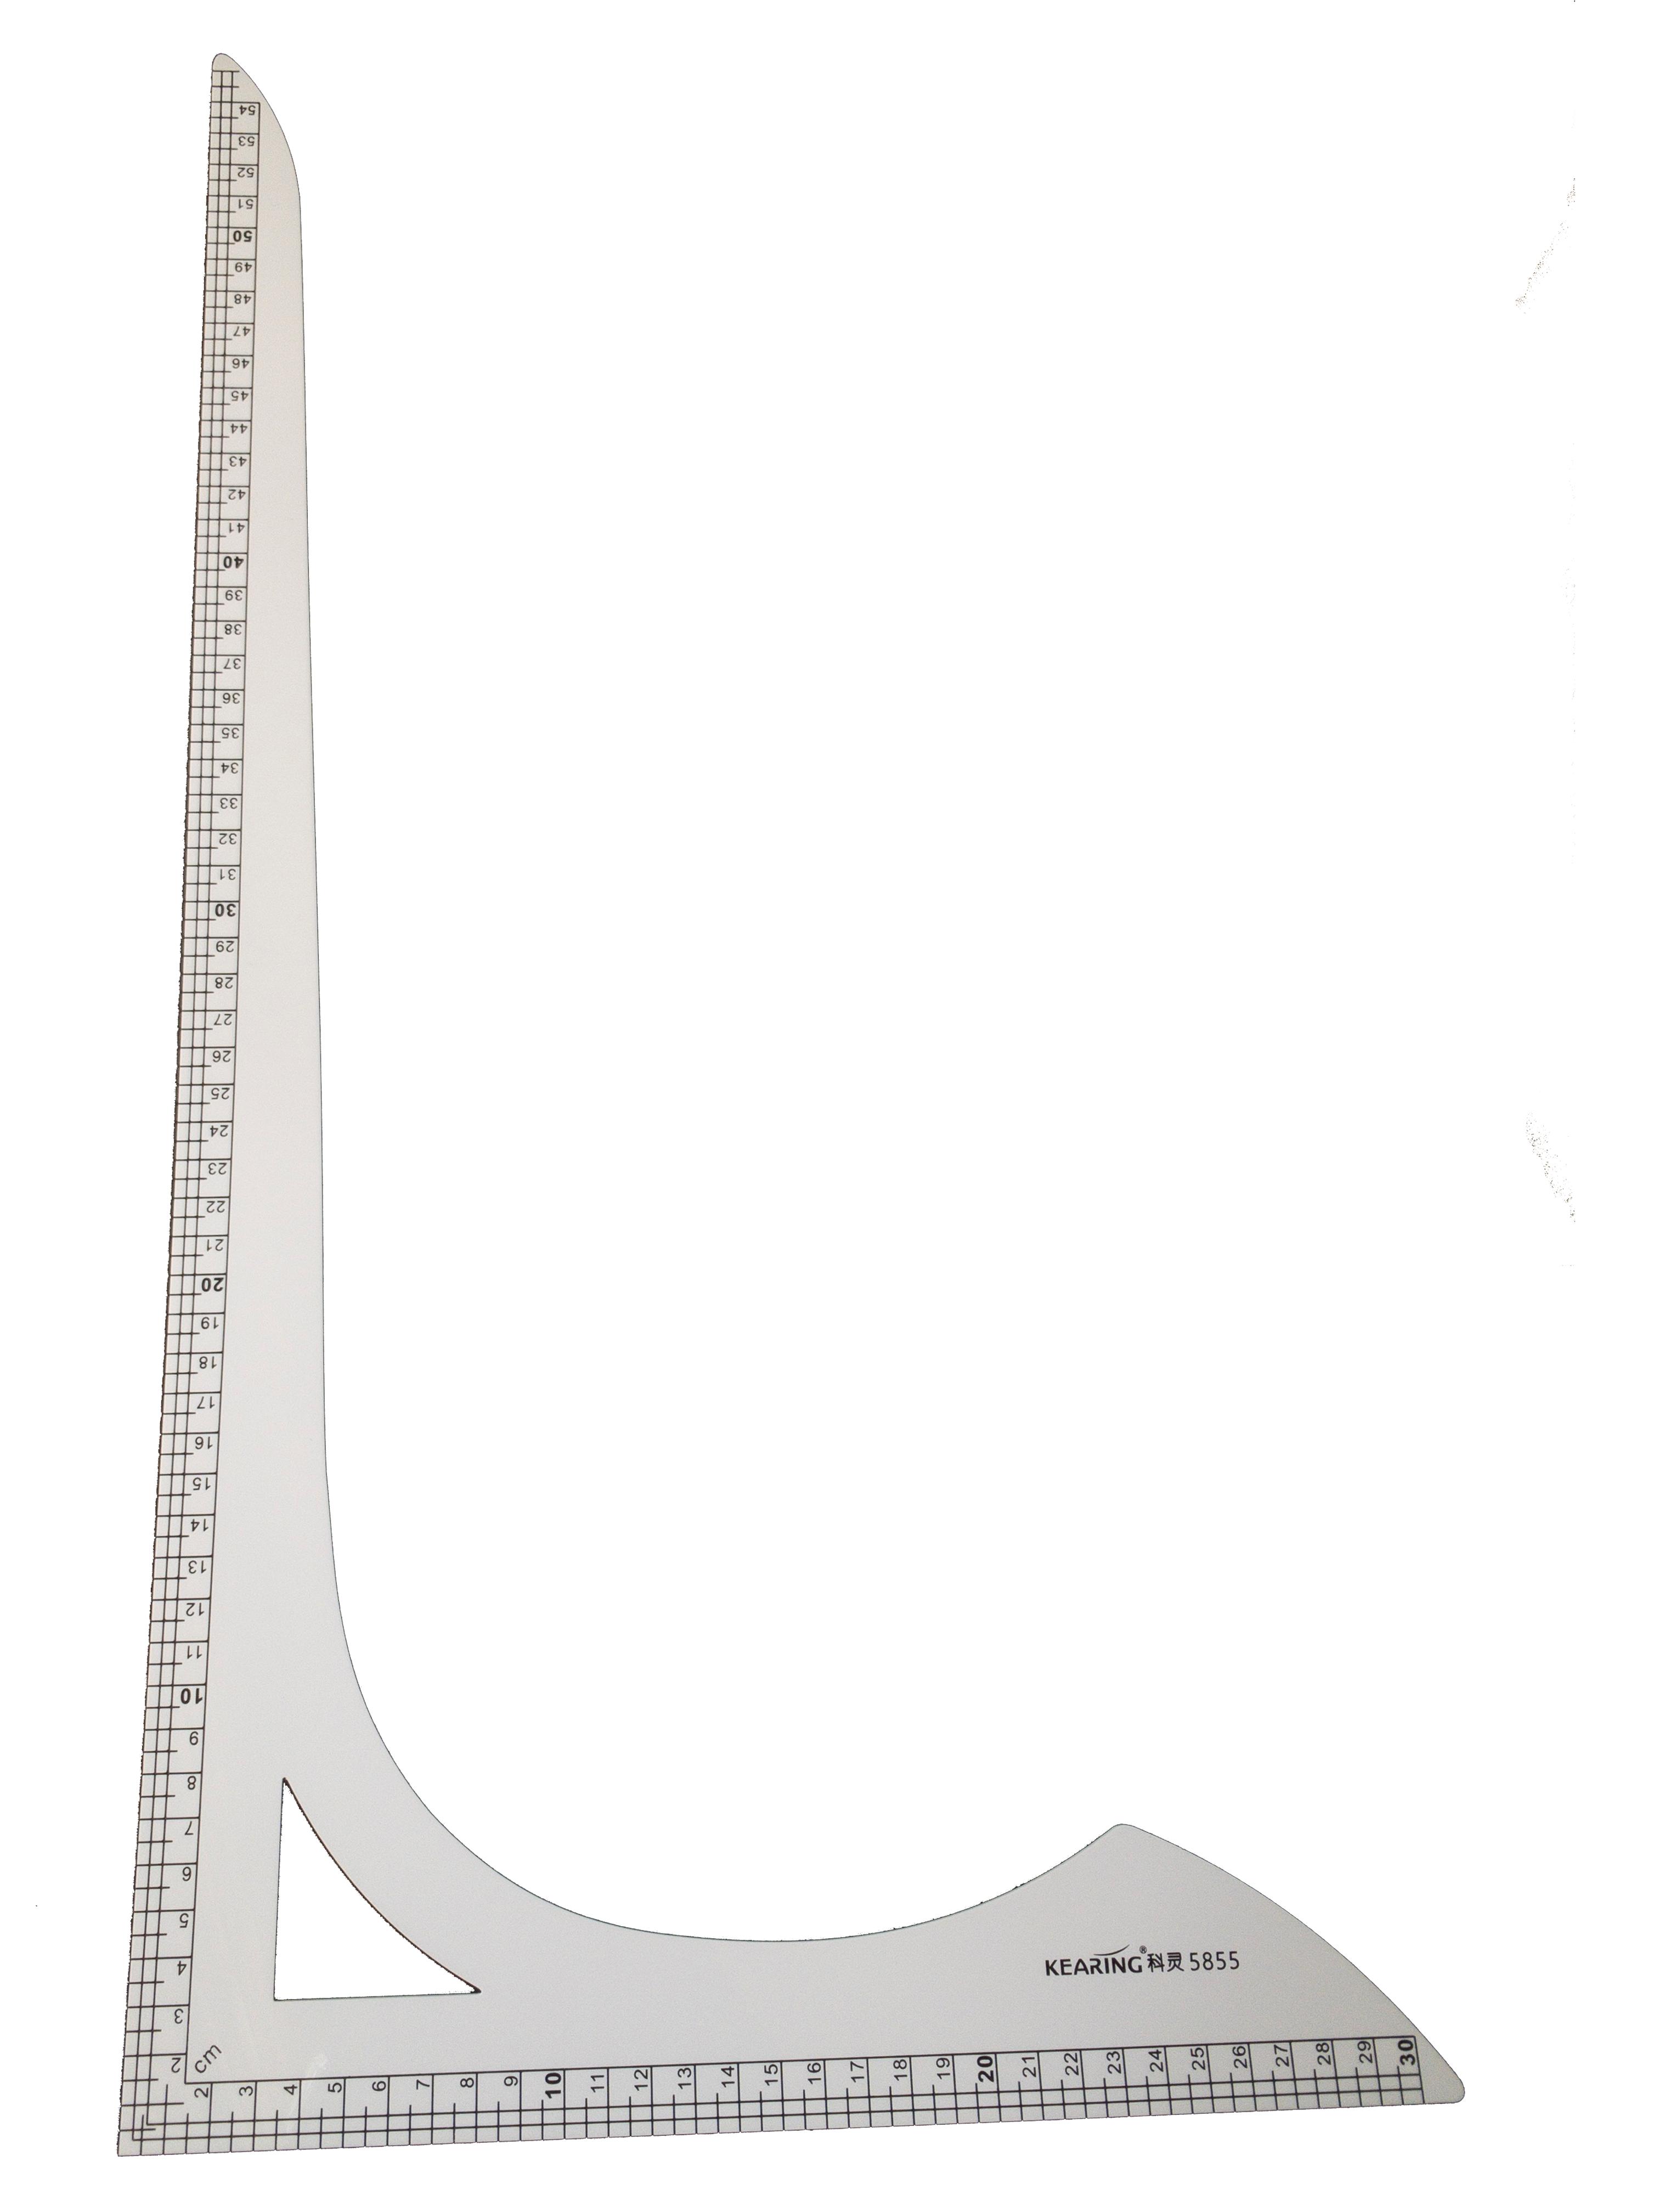 L Square Ruler (5855)